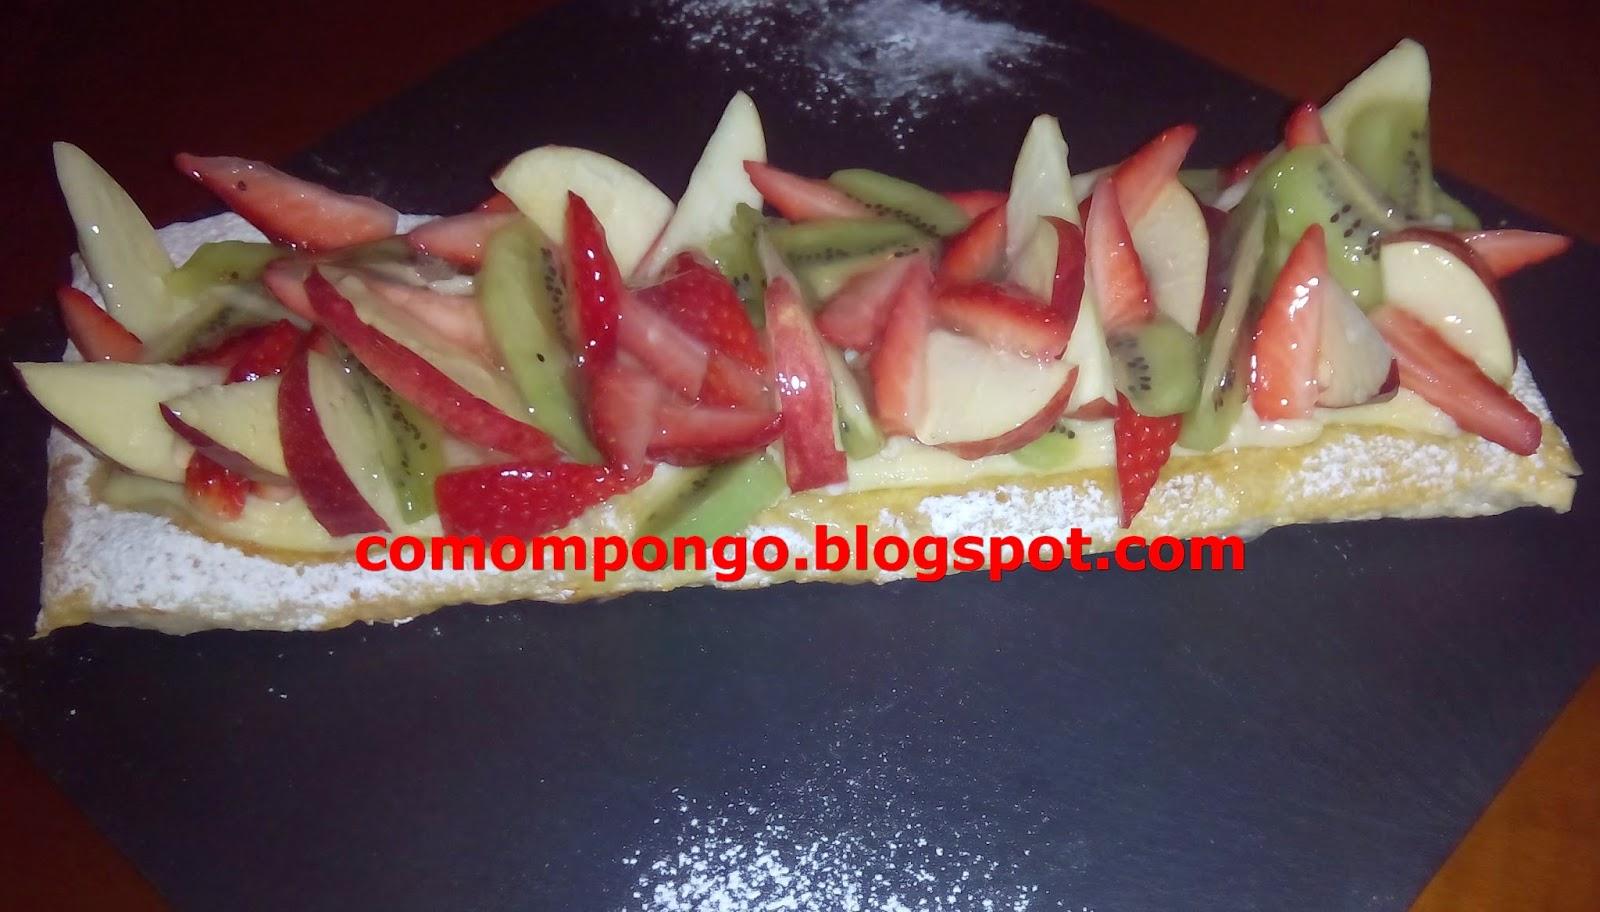 Banda de crema y fruta fresca